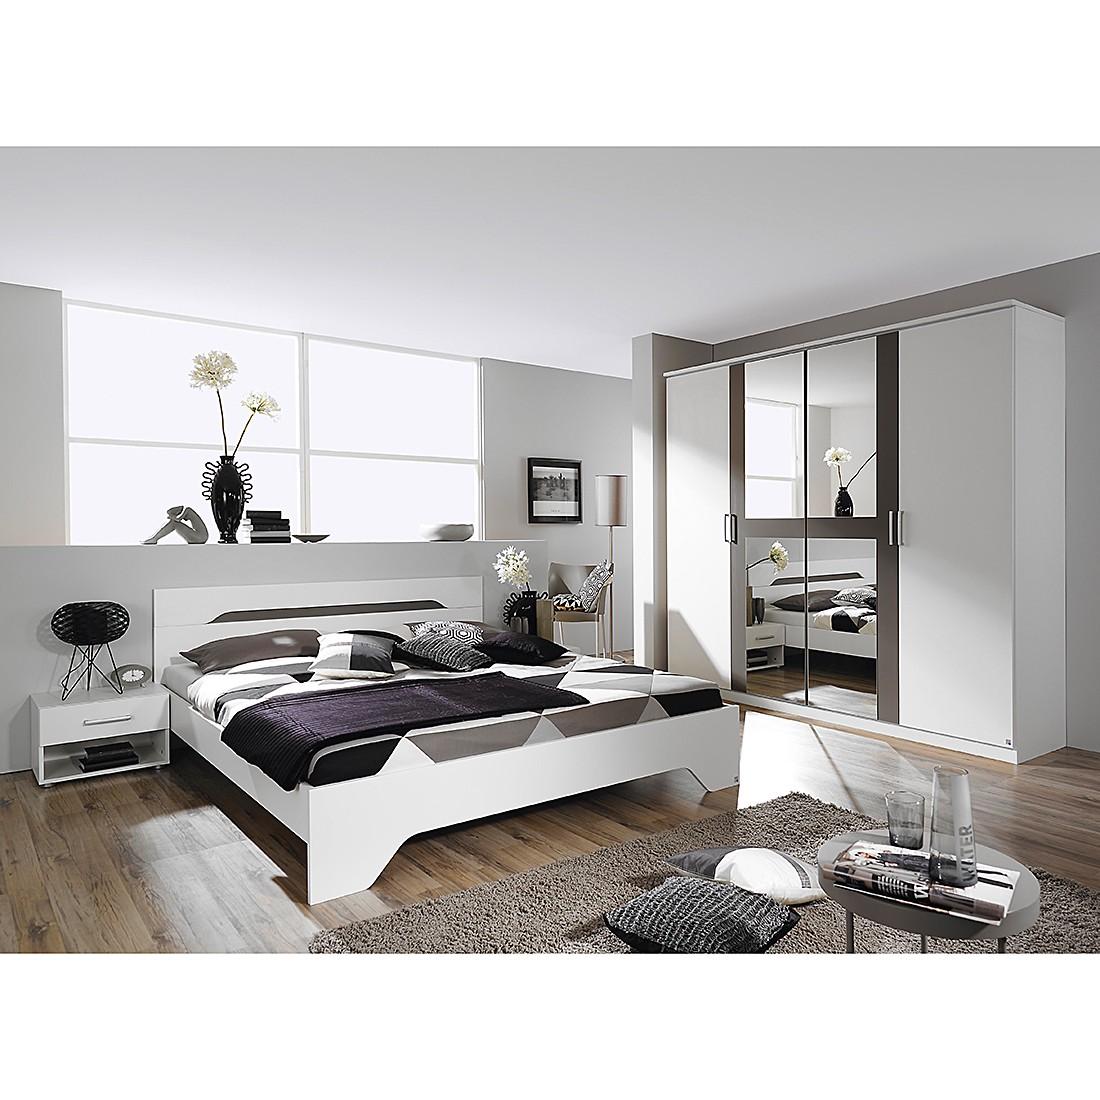 Ensemble de chambre à coucher Rubi I (4 éléments) - Blanc alpin / Gris lave - 160 cm x 200 cm, Rauch